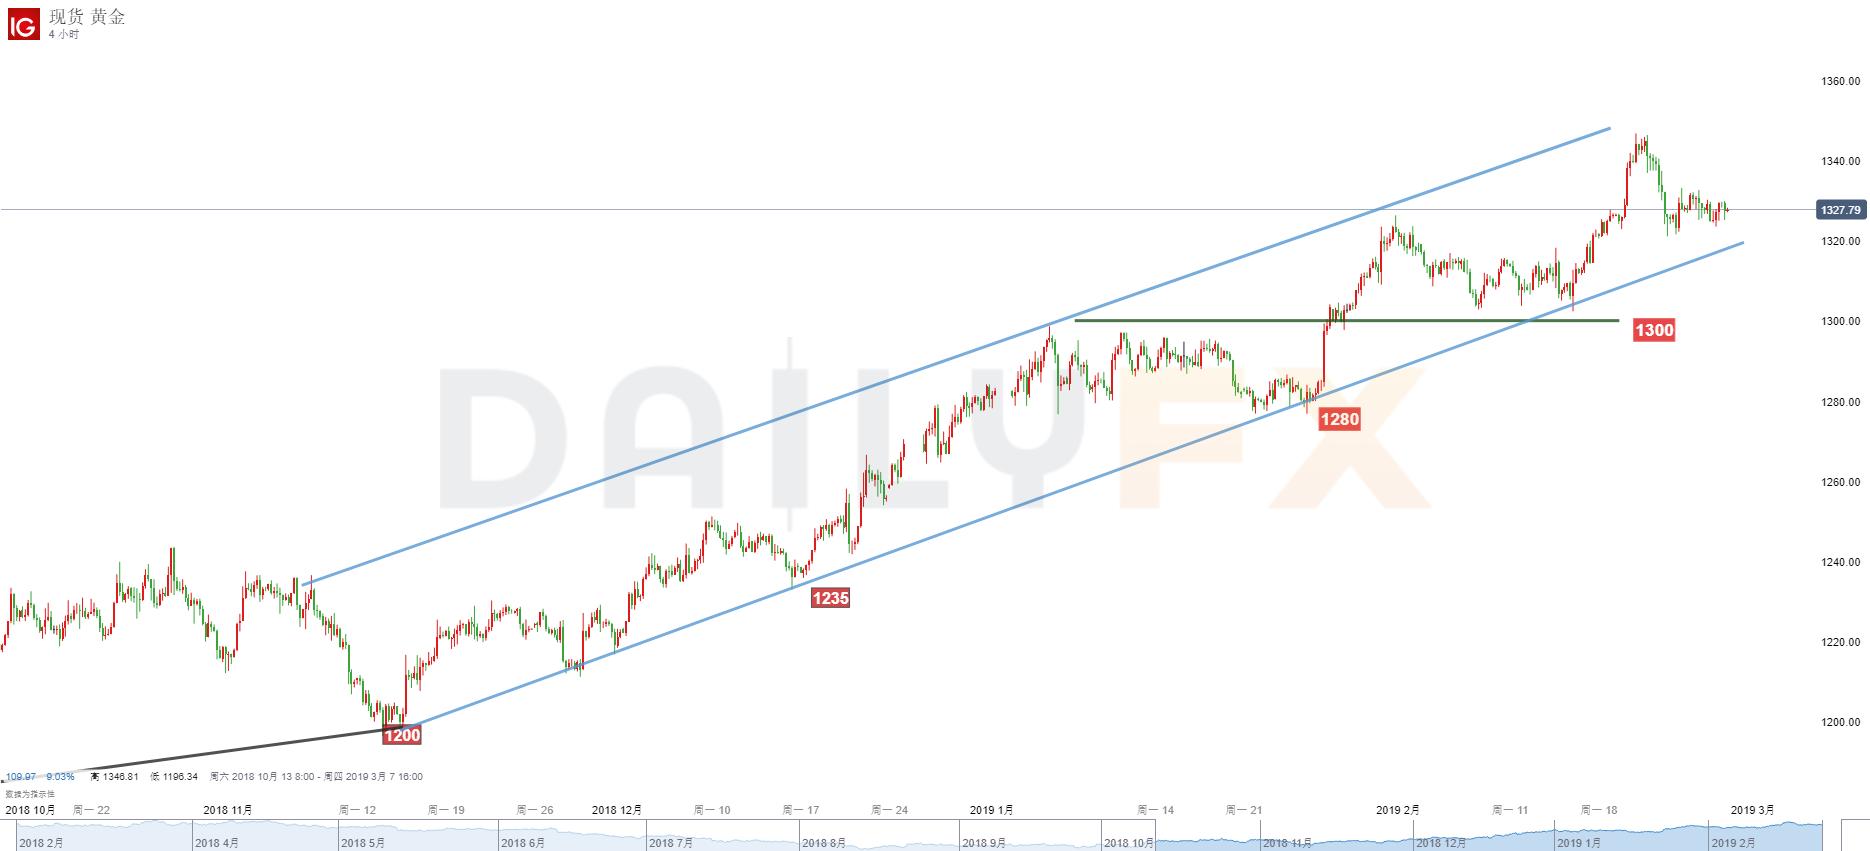 黄金/美元技术分析:倾向激进者背靠1320先行做多